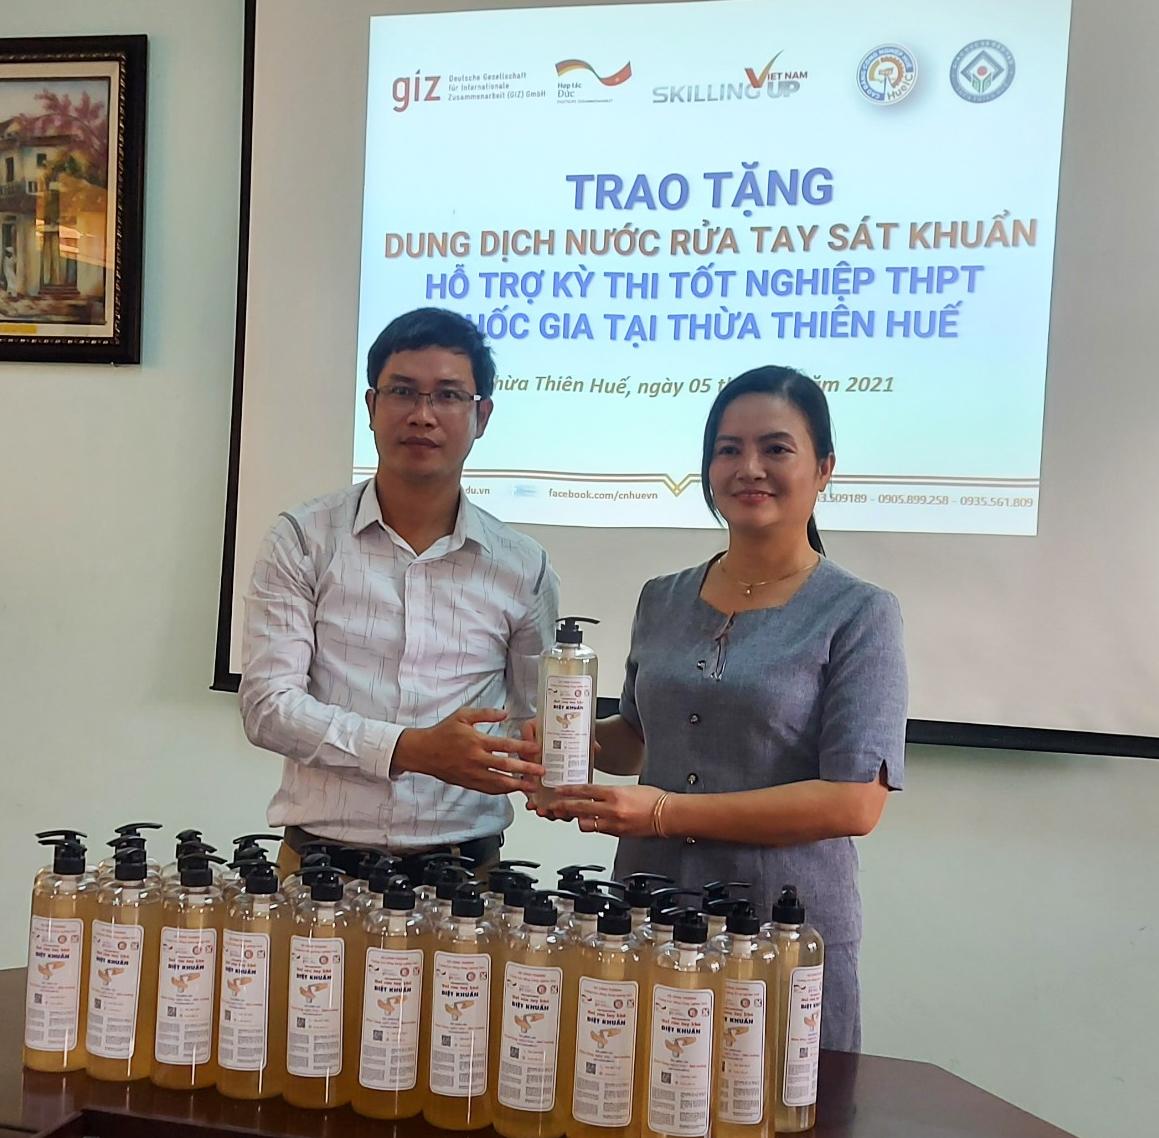 Trao tặng 90l dung dịch nước rửa tay sát khuẩn hỗ trợ công tác tổ chức thi tốt nghiệp THPT Quốc gia tại Thừa Thiên Huế